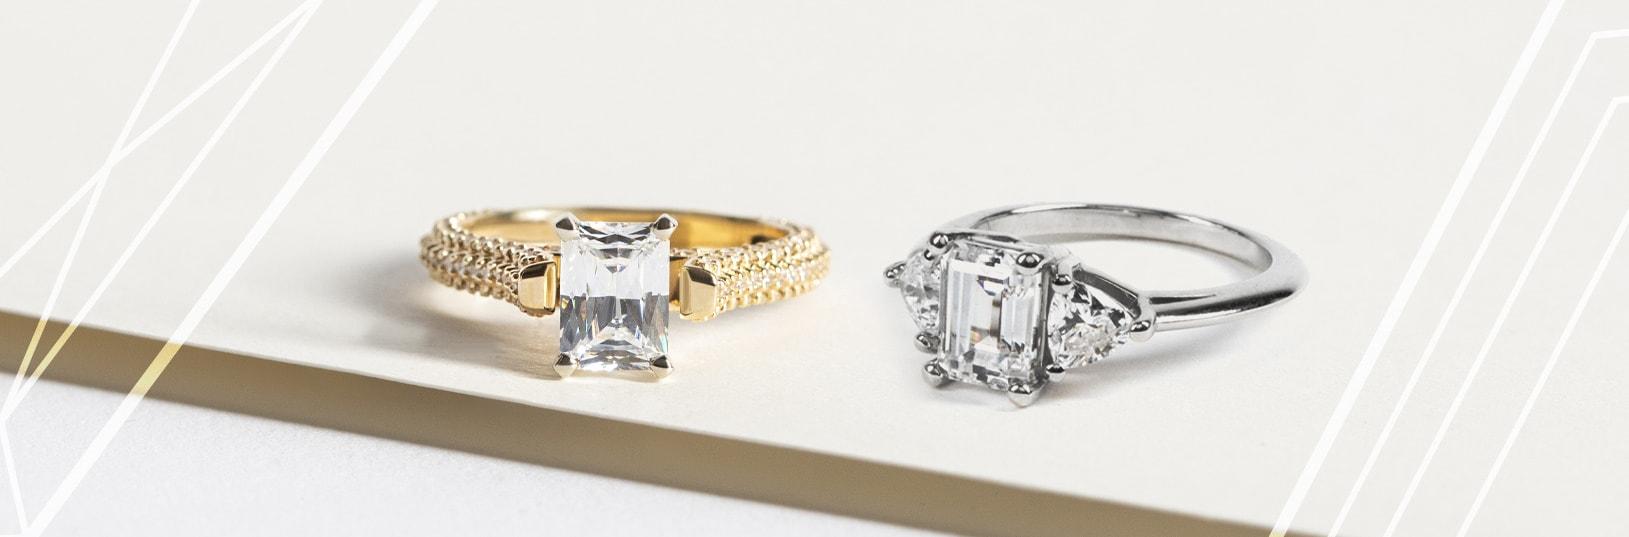 Two emerald cut Nexus Diamond™ alternatives shown side by side